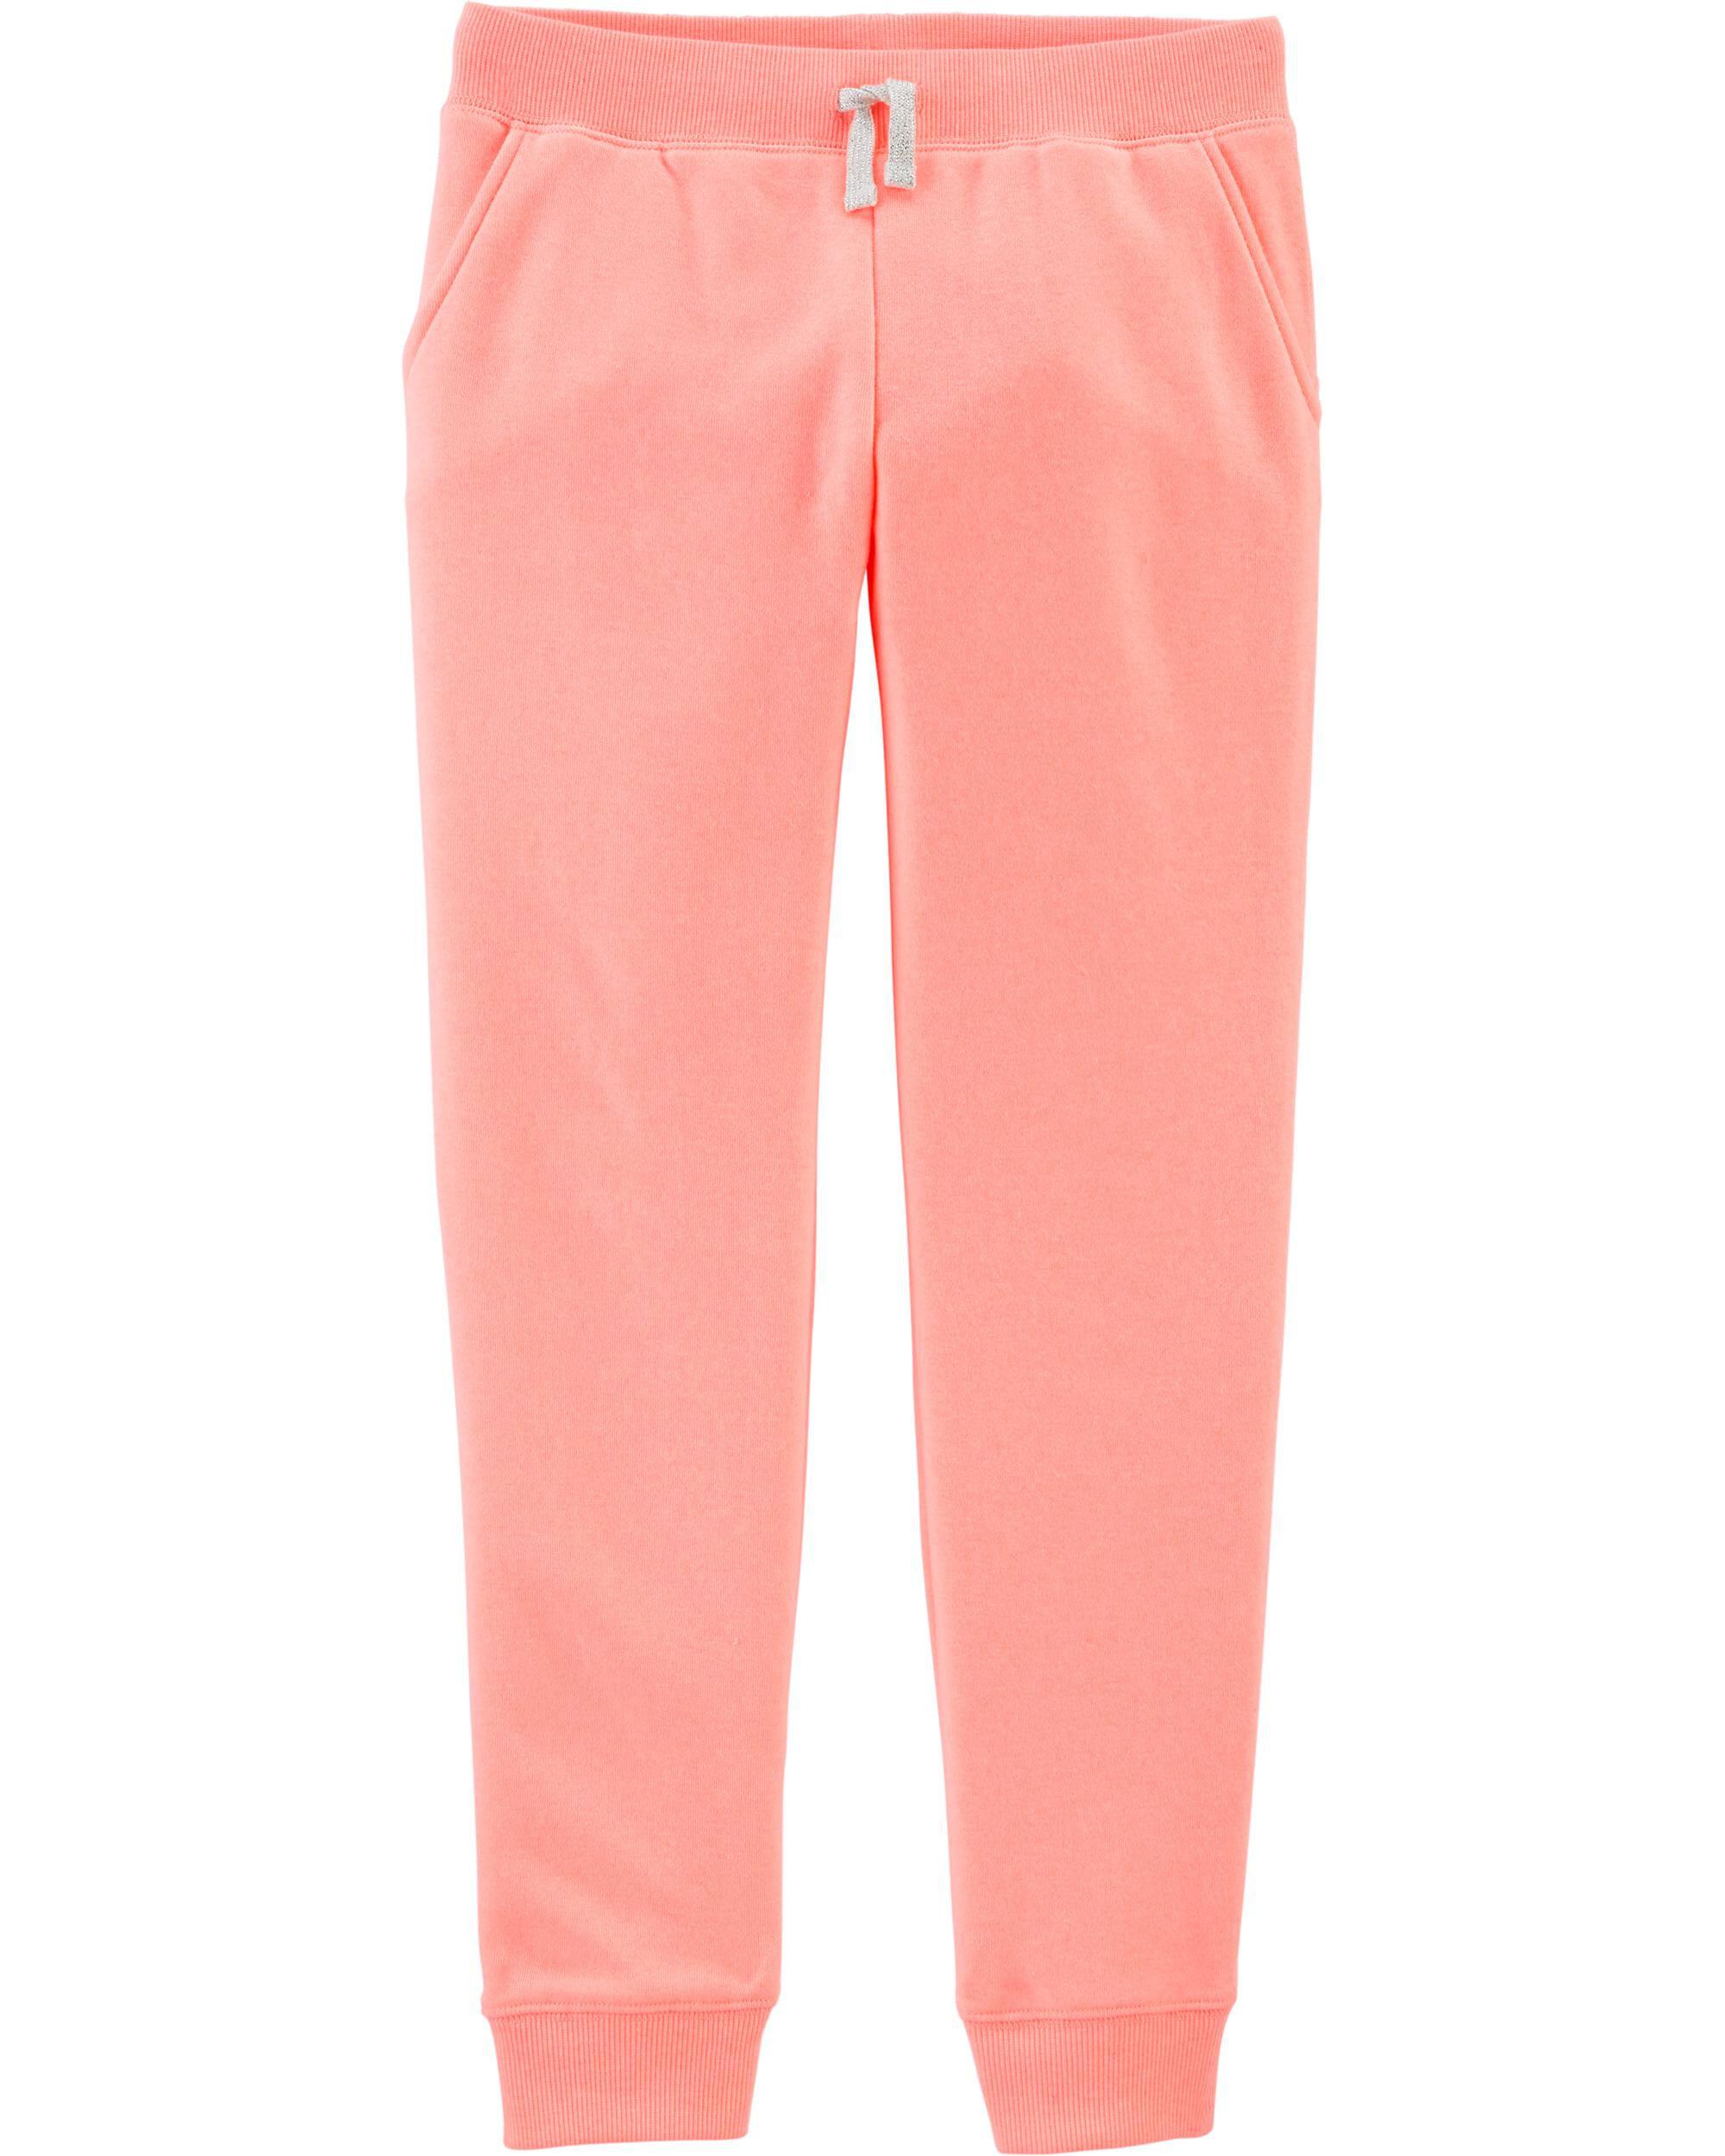 *Clearance*  Neon Fleece Pants